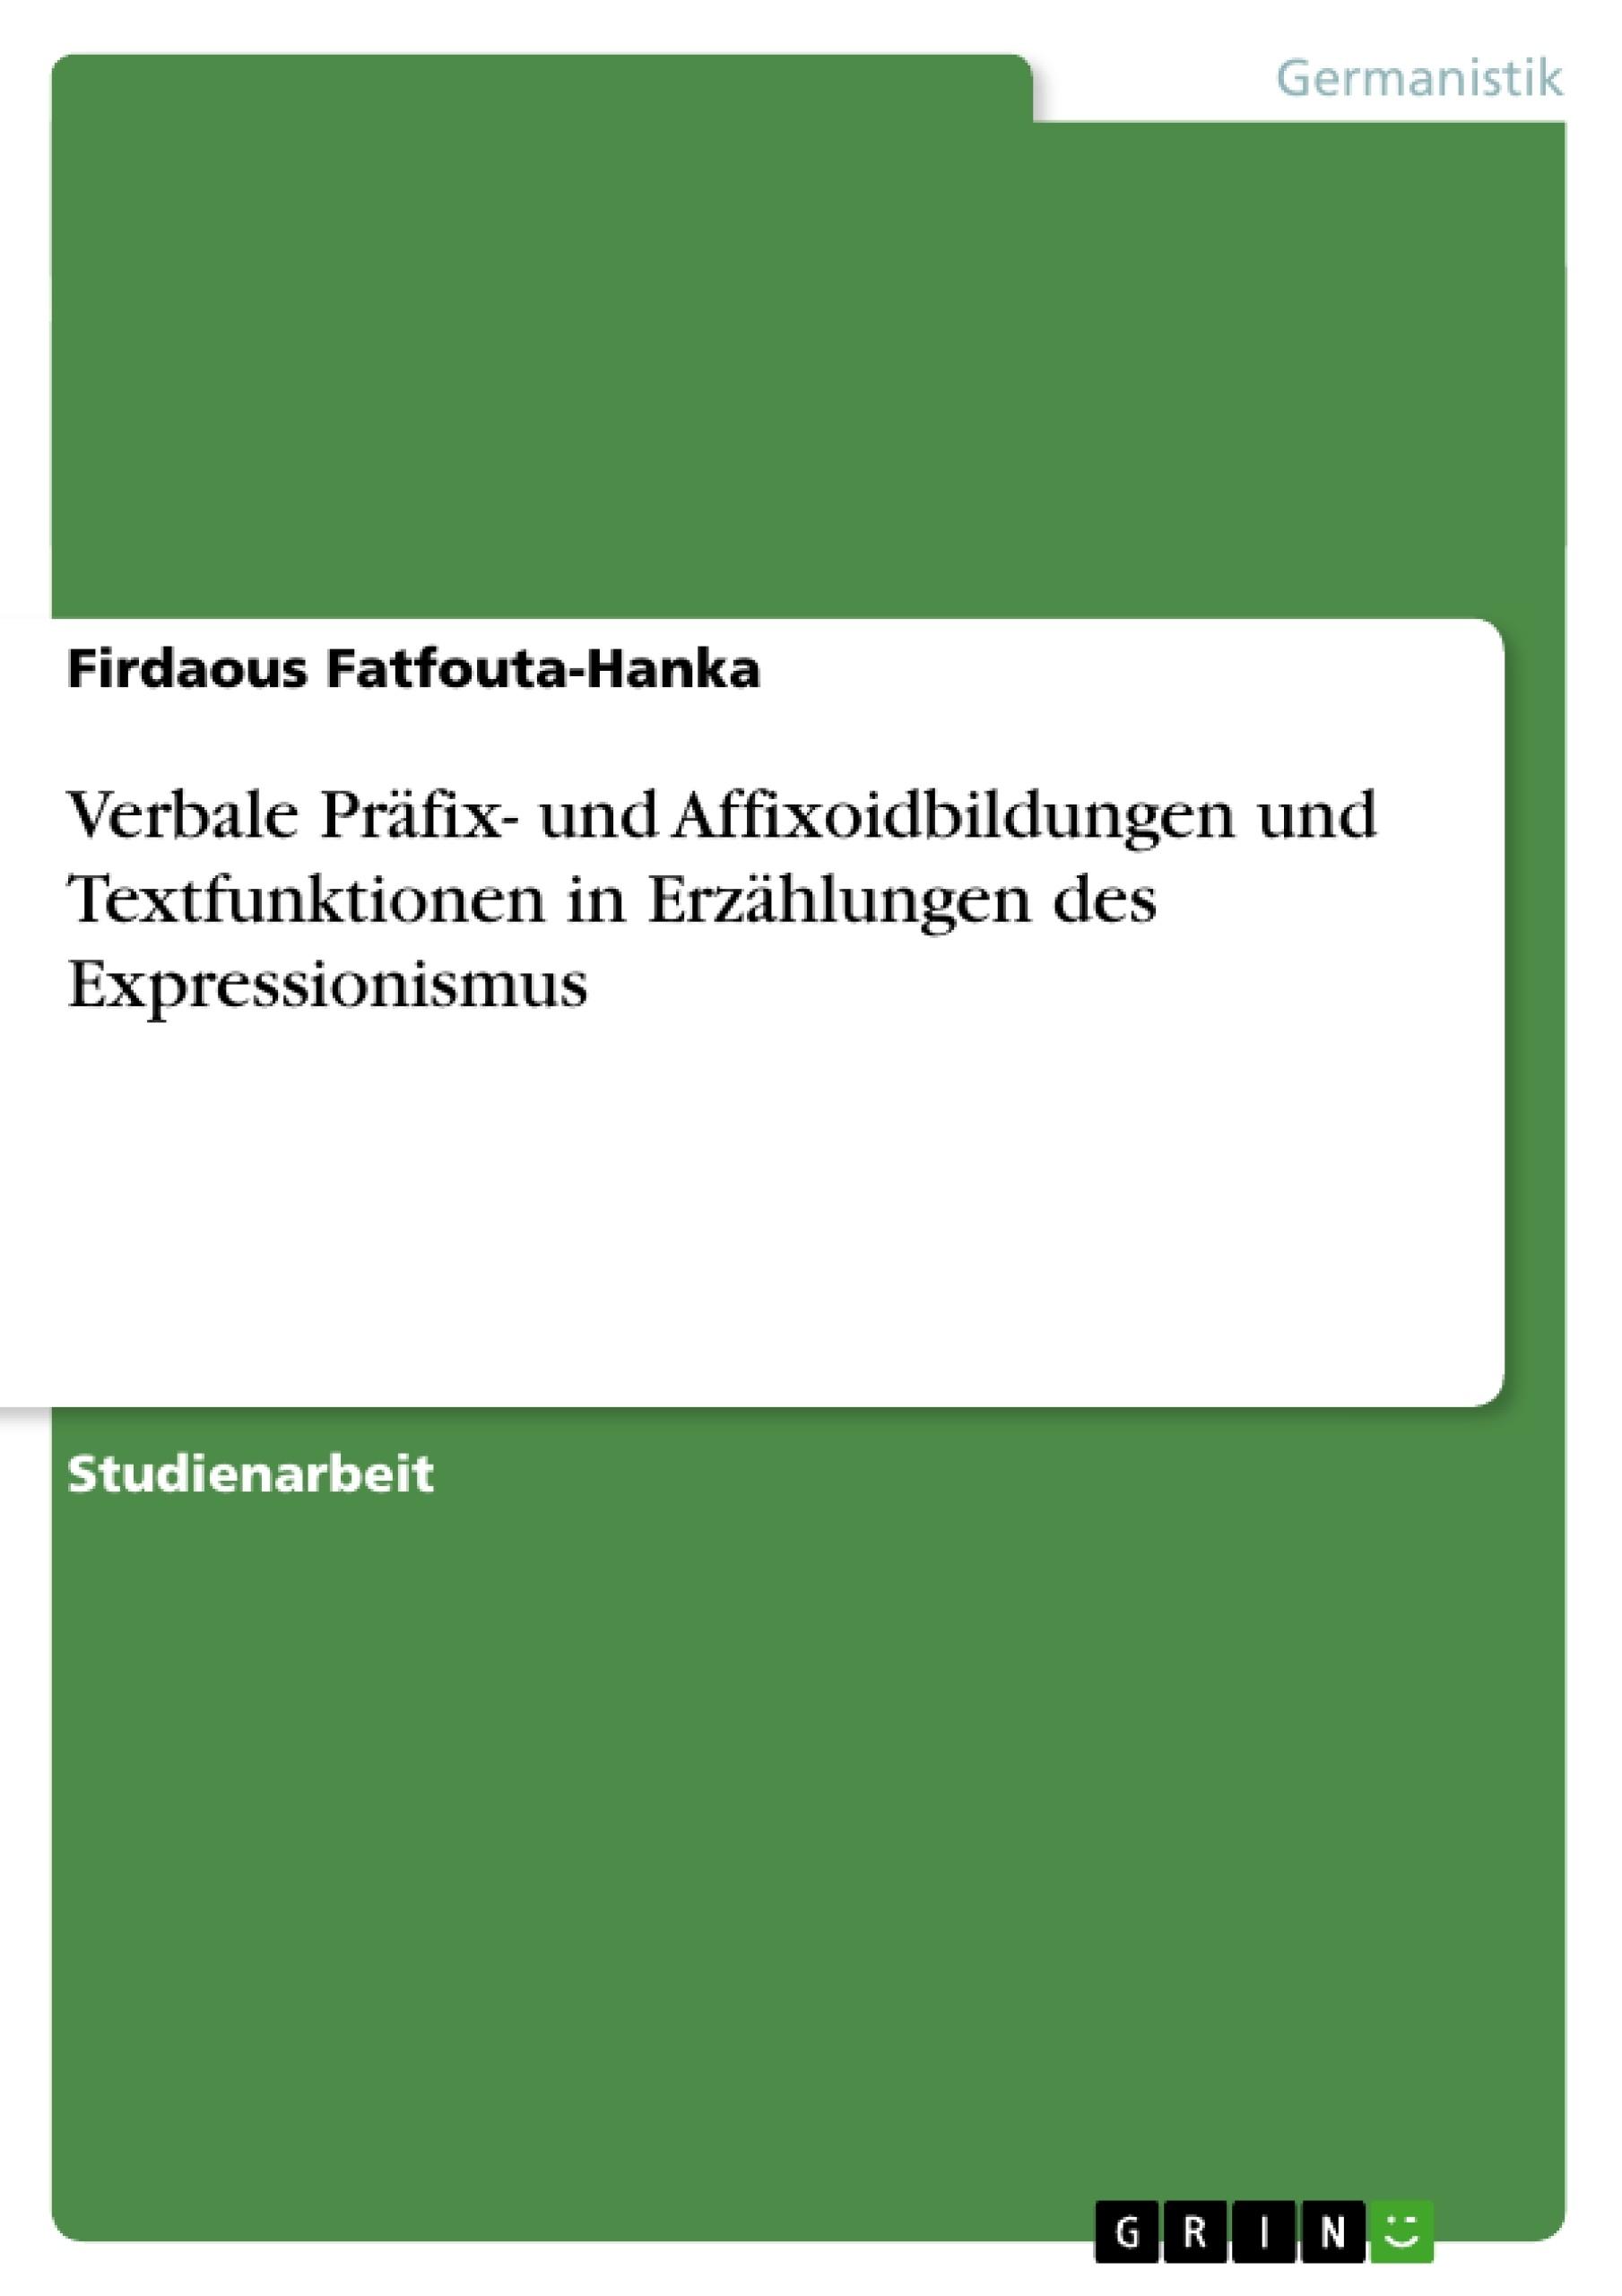 Titel: Verbale Präfix- und Affixoidbildungen und Textfunktionen in Erzählungen des Expressionismus